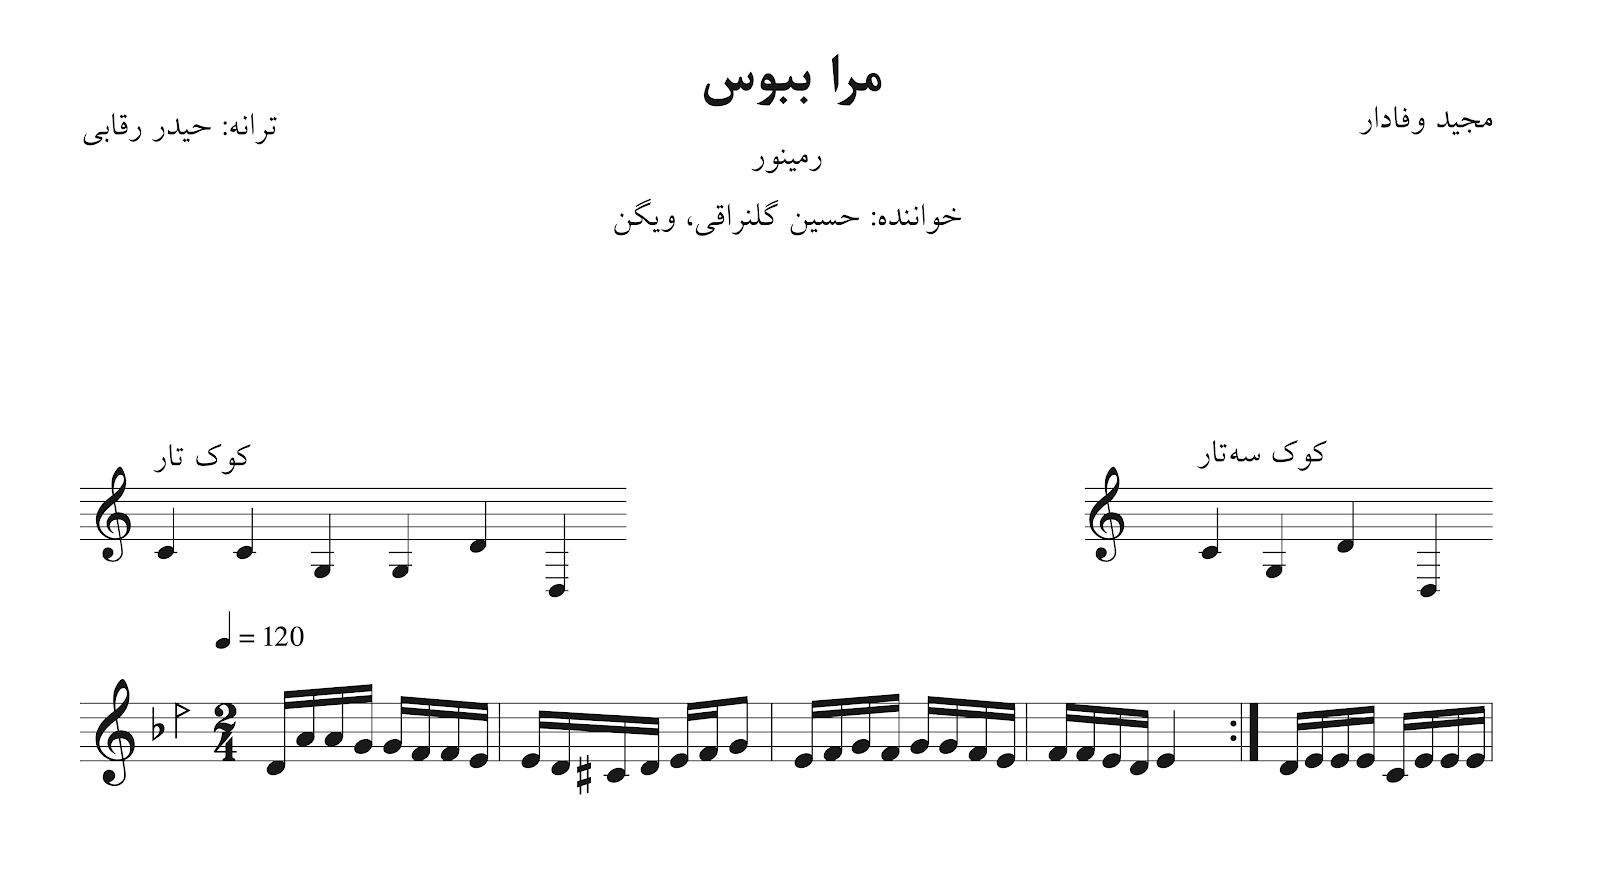 نت مرا ببوس مجید وفادار شعر حیدر رقابی هاله خواننده حسین گلنراقی ویگن